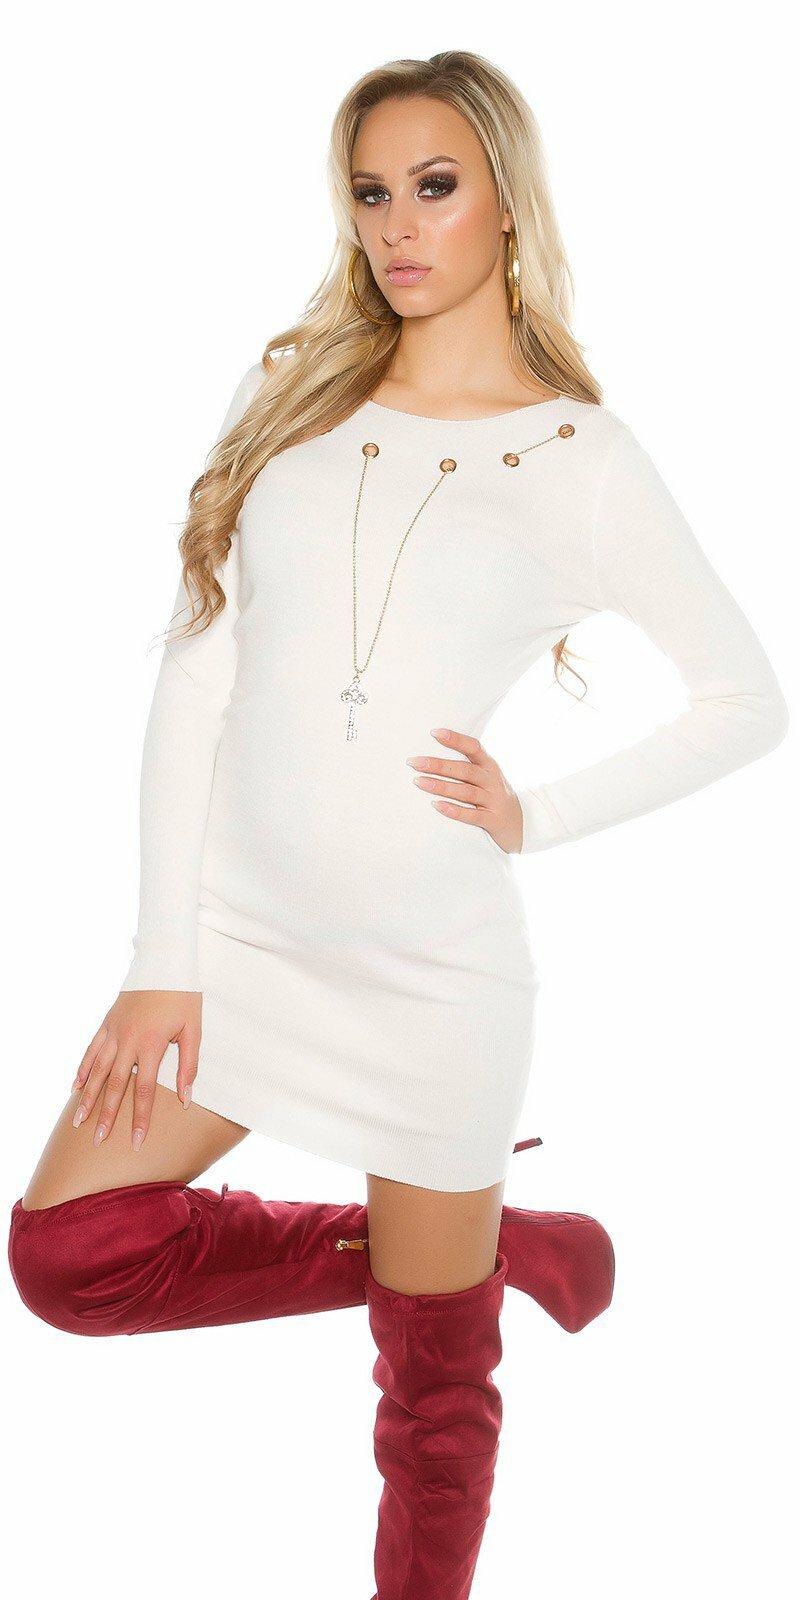 Dámske pletené šaty s ozdobnou retiazkou s kľúčom  Veľkosť Univerzálna (XS S M)  Farba Biela d419b65ff85